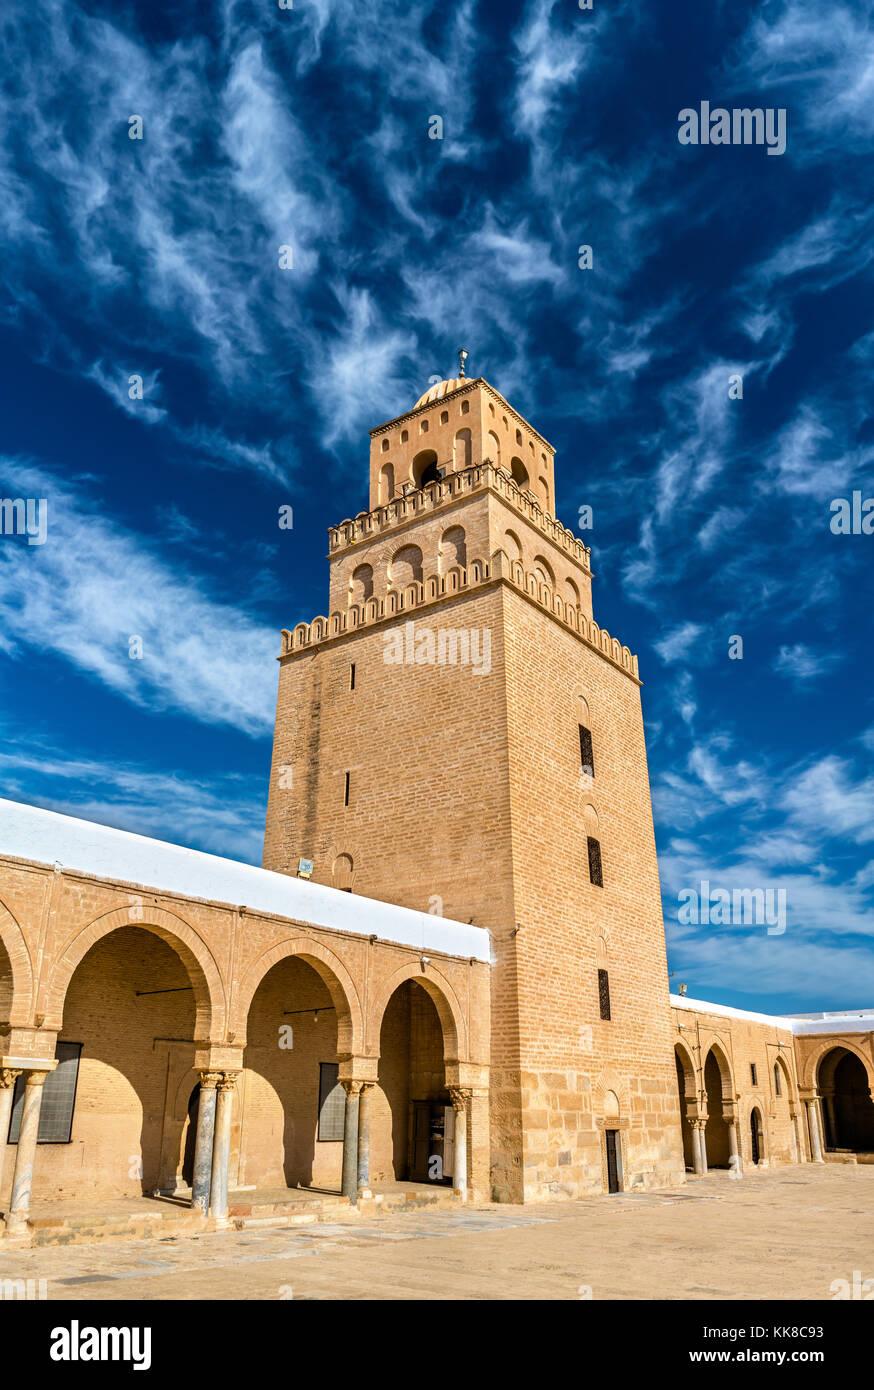 La grande moschea di Kairouan in Tunisia Immagini Stock